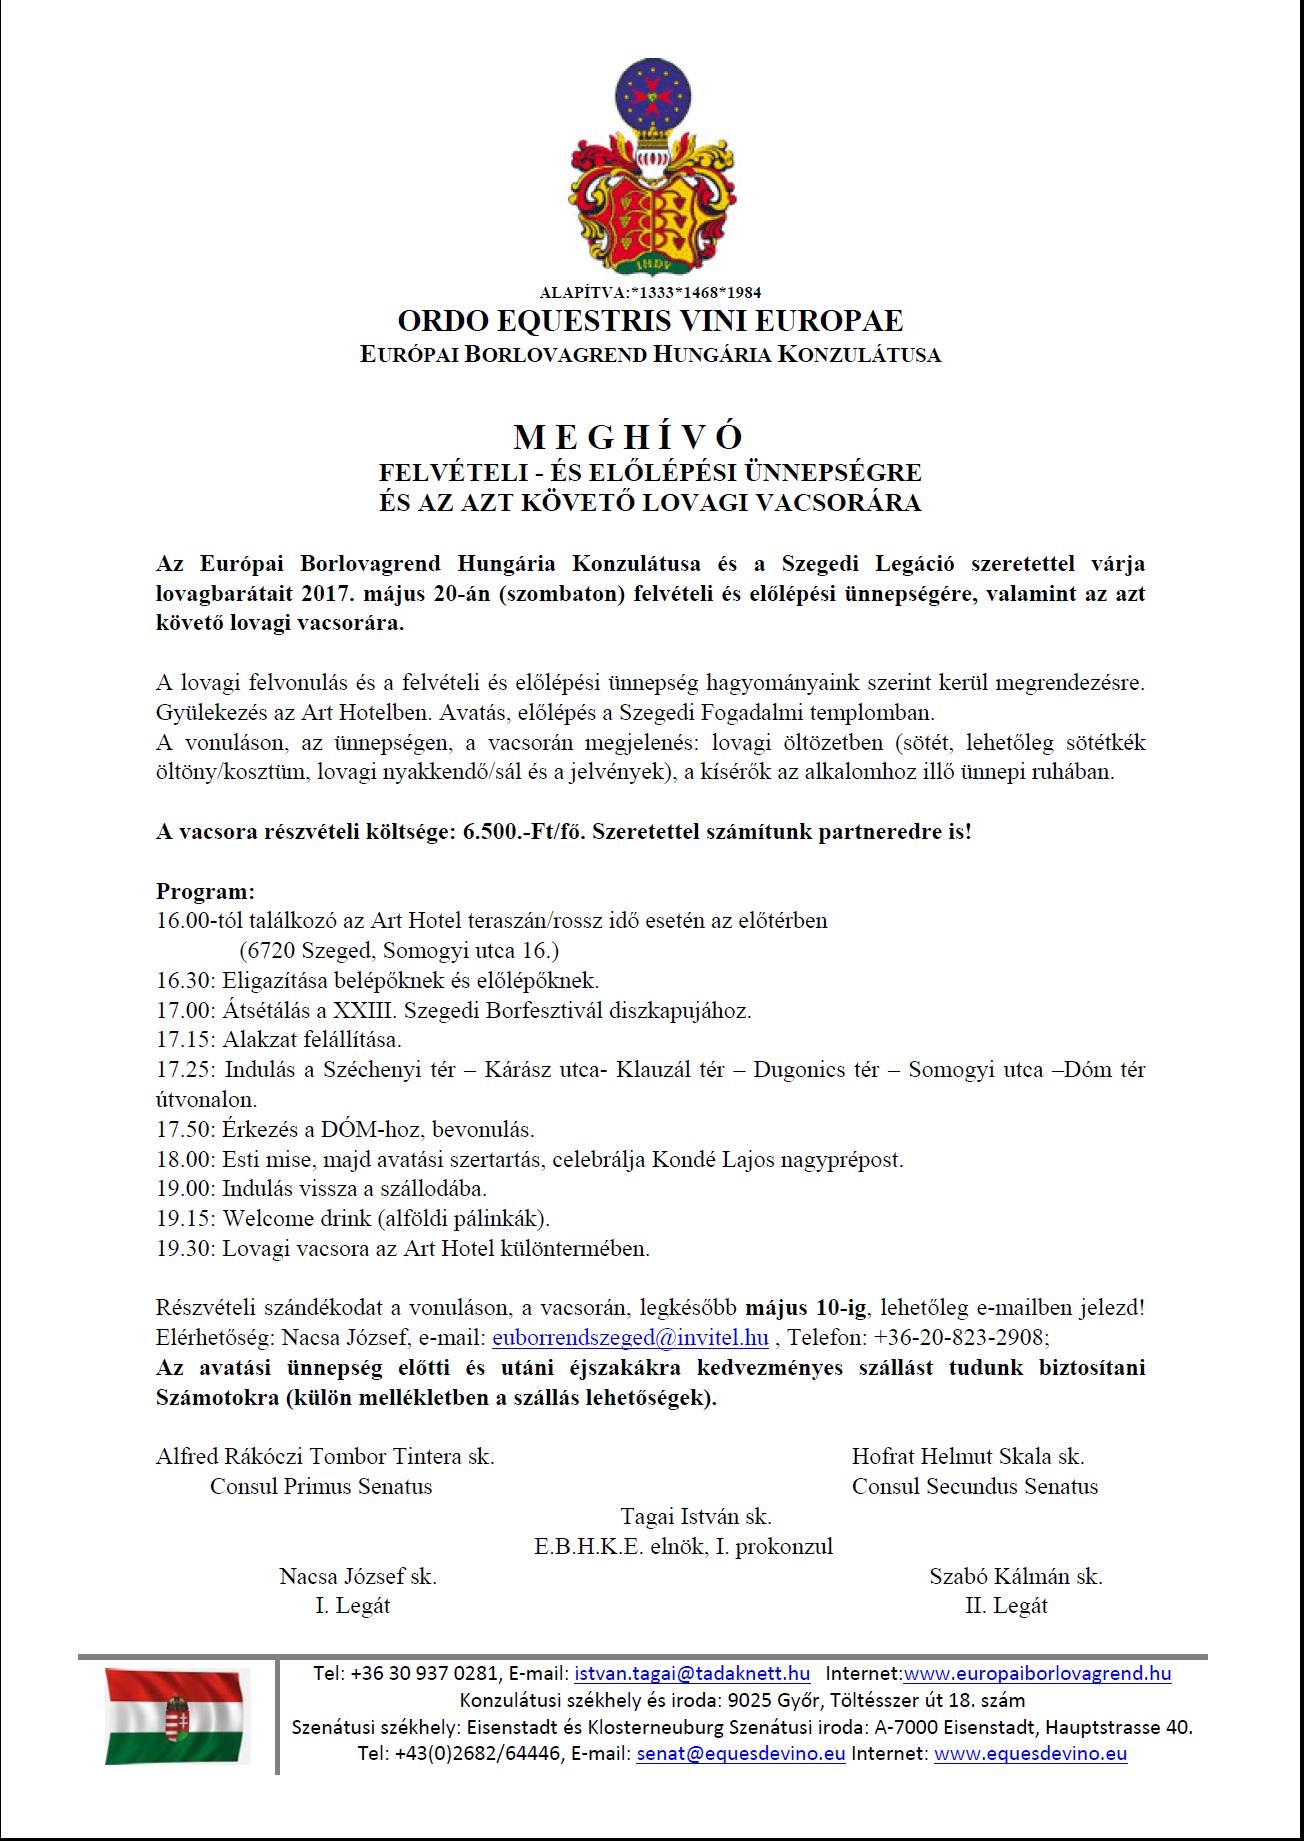 Szegedi Avatási és Előlépési ünnepség – Meghívó és program 2017. május